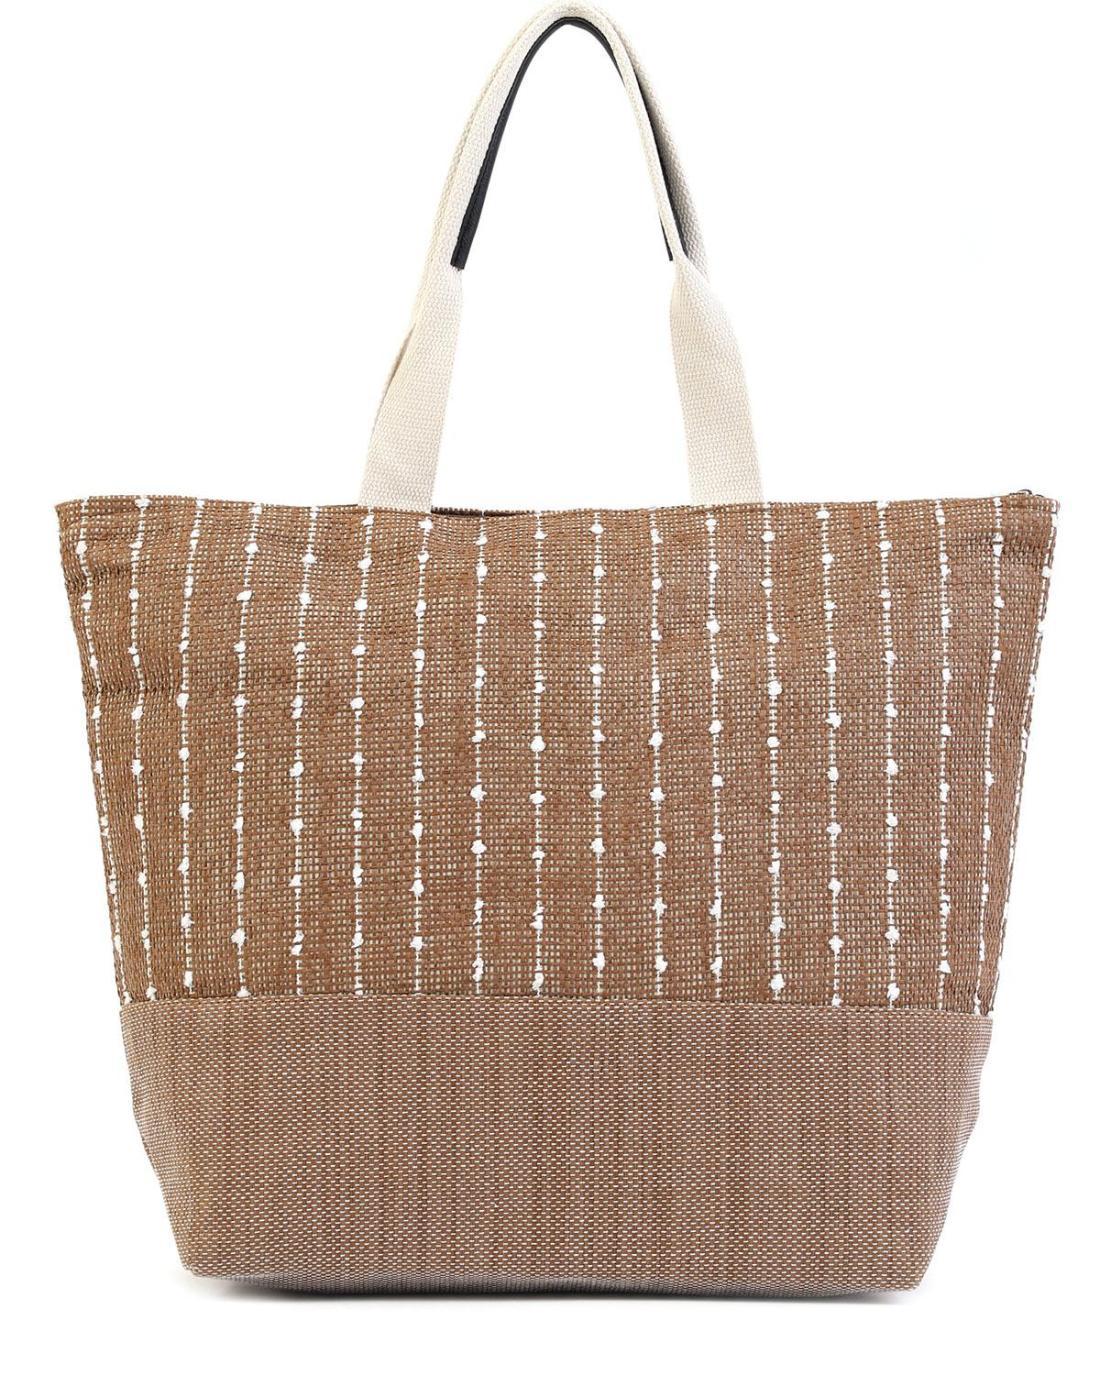 Τσάντα θαλάσσης καφέ